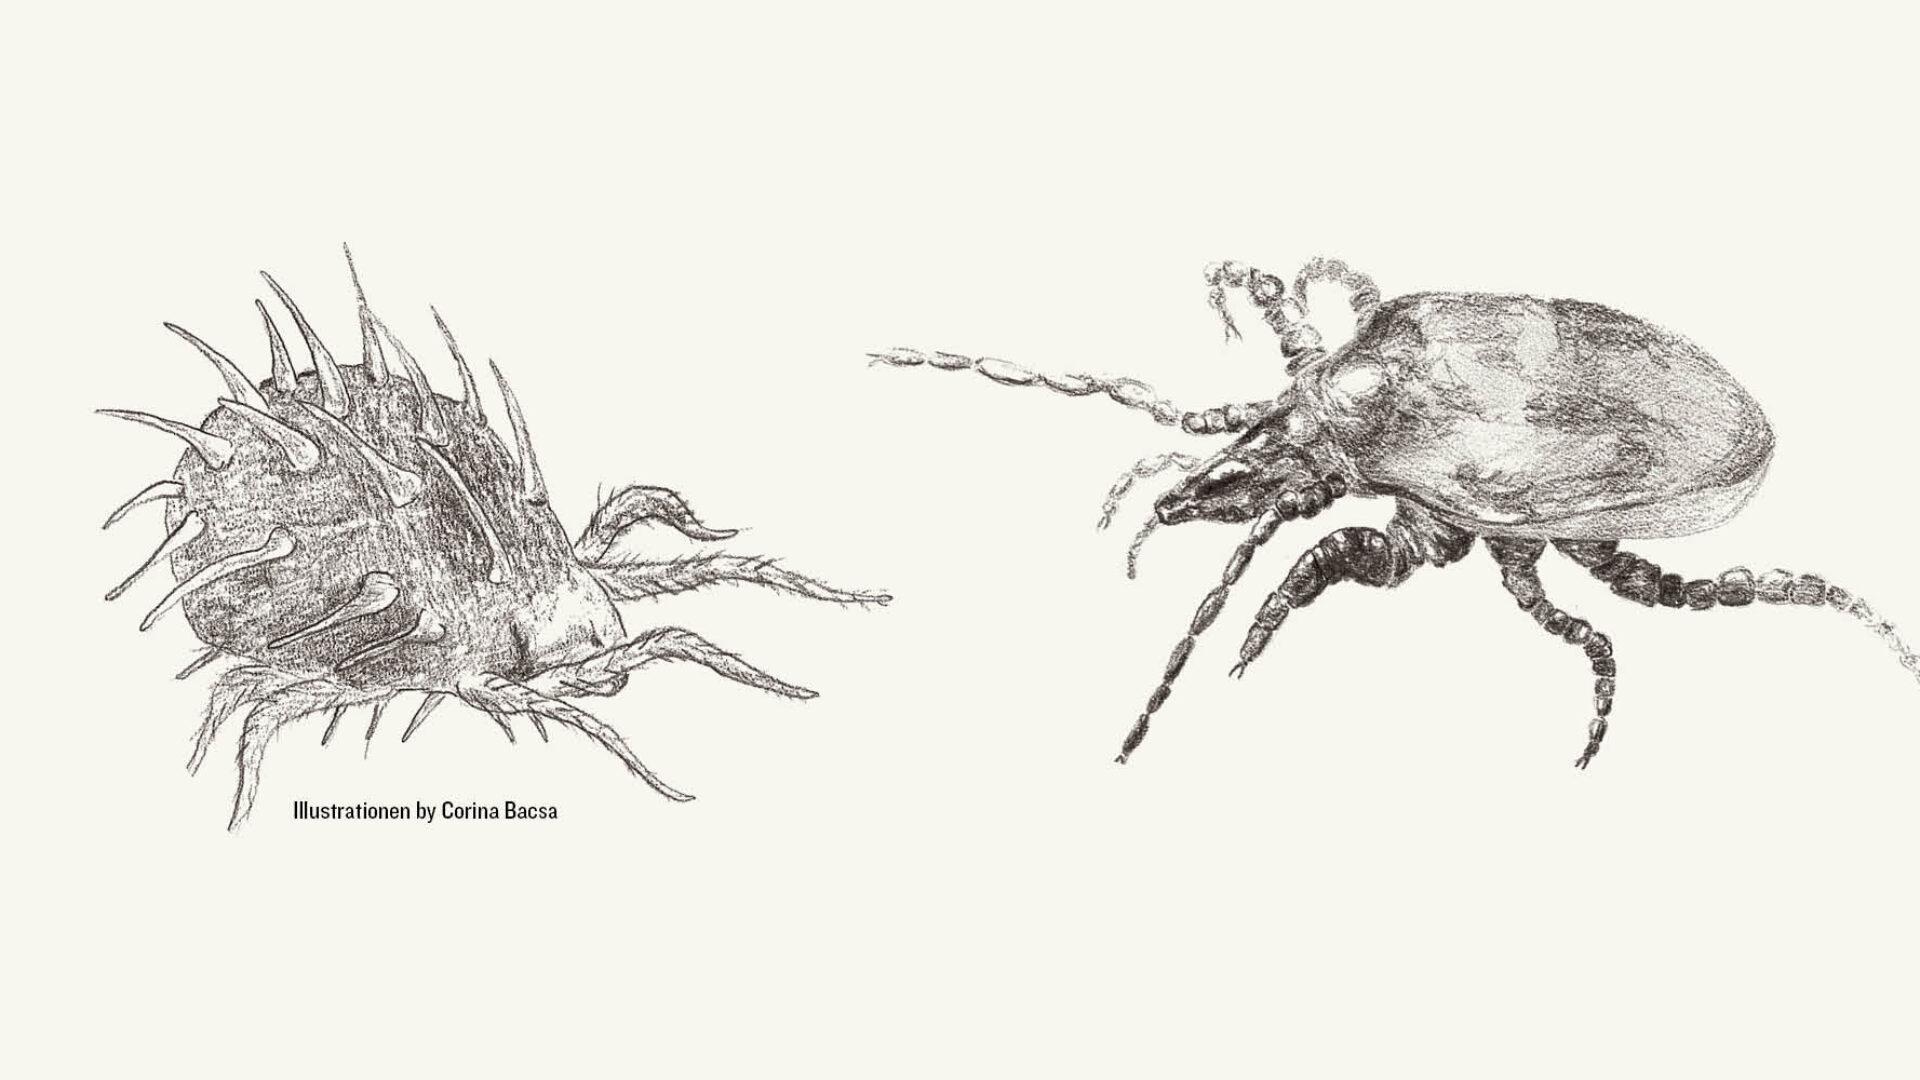 Spinnmilbe und Raubmilbe by Corina Bacsa